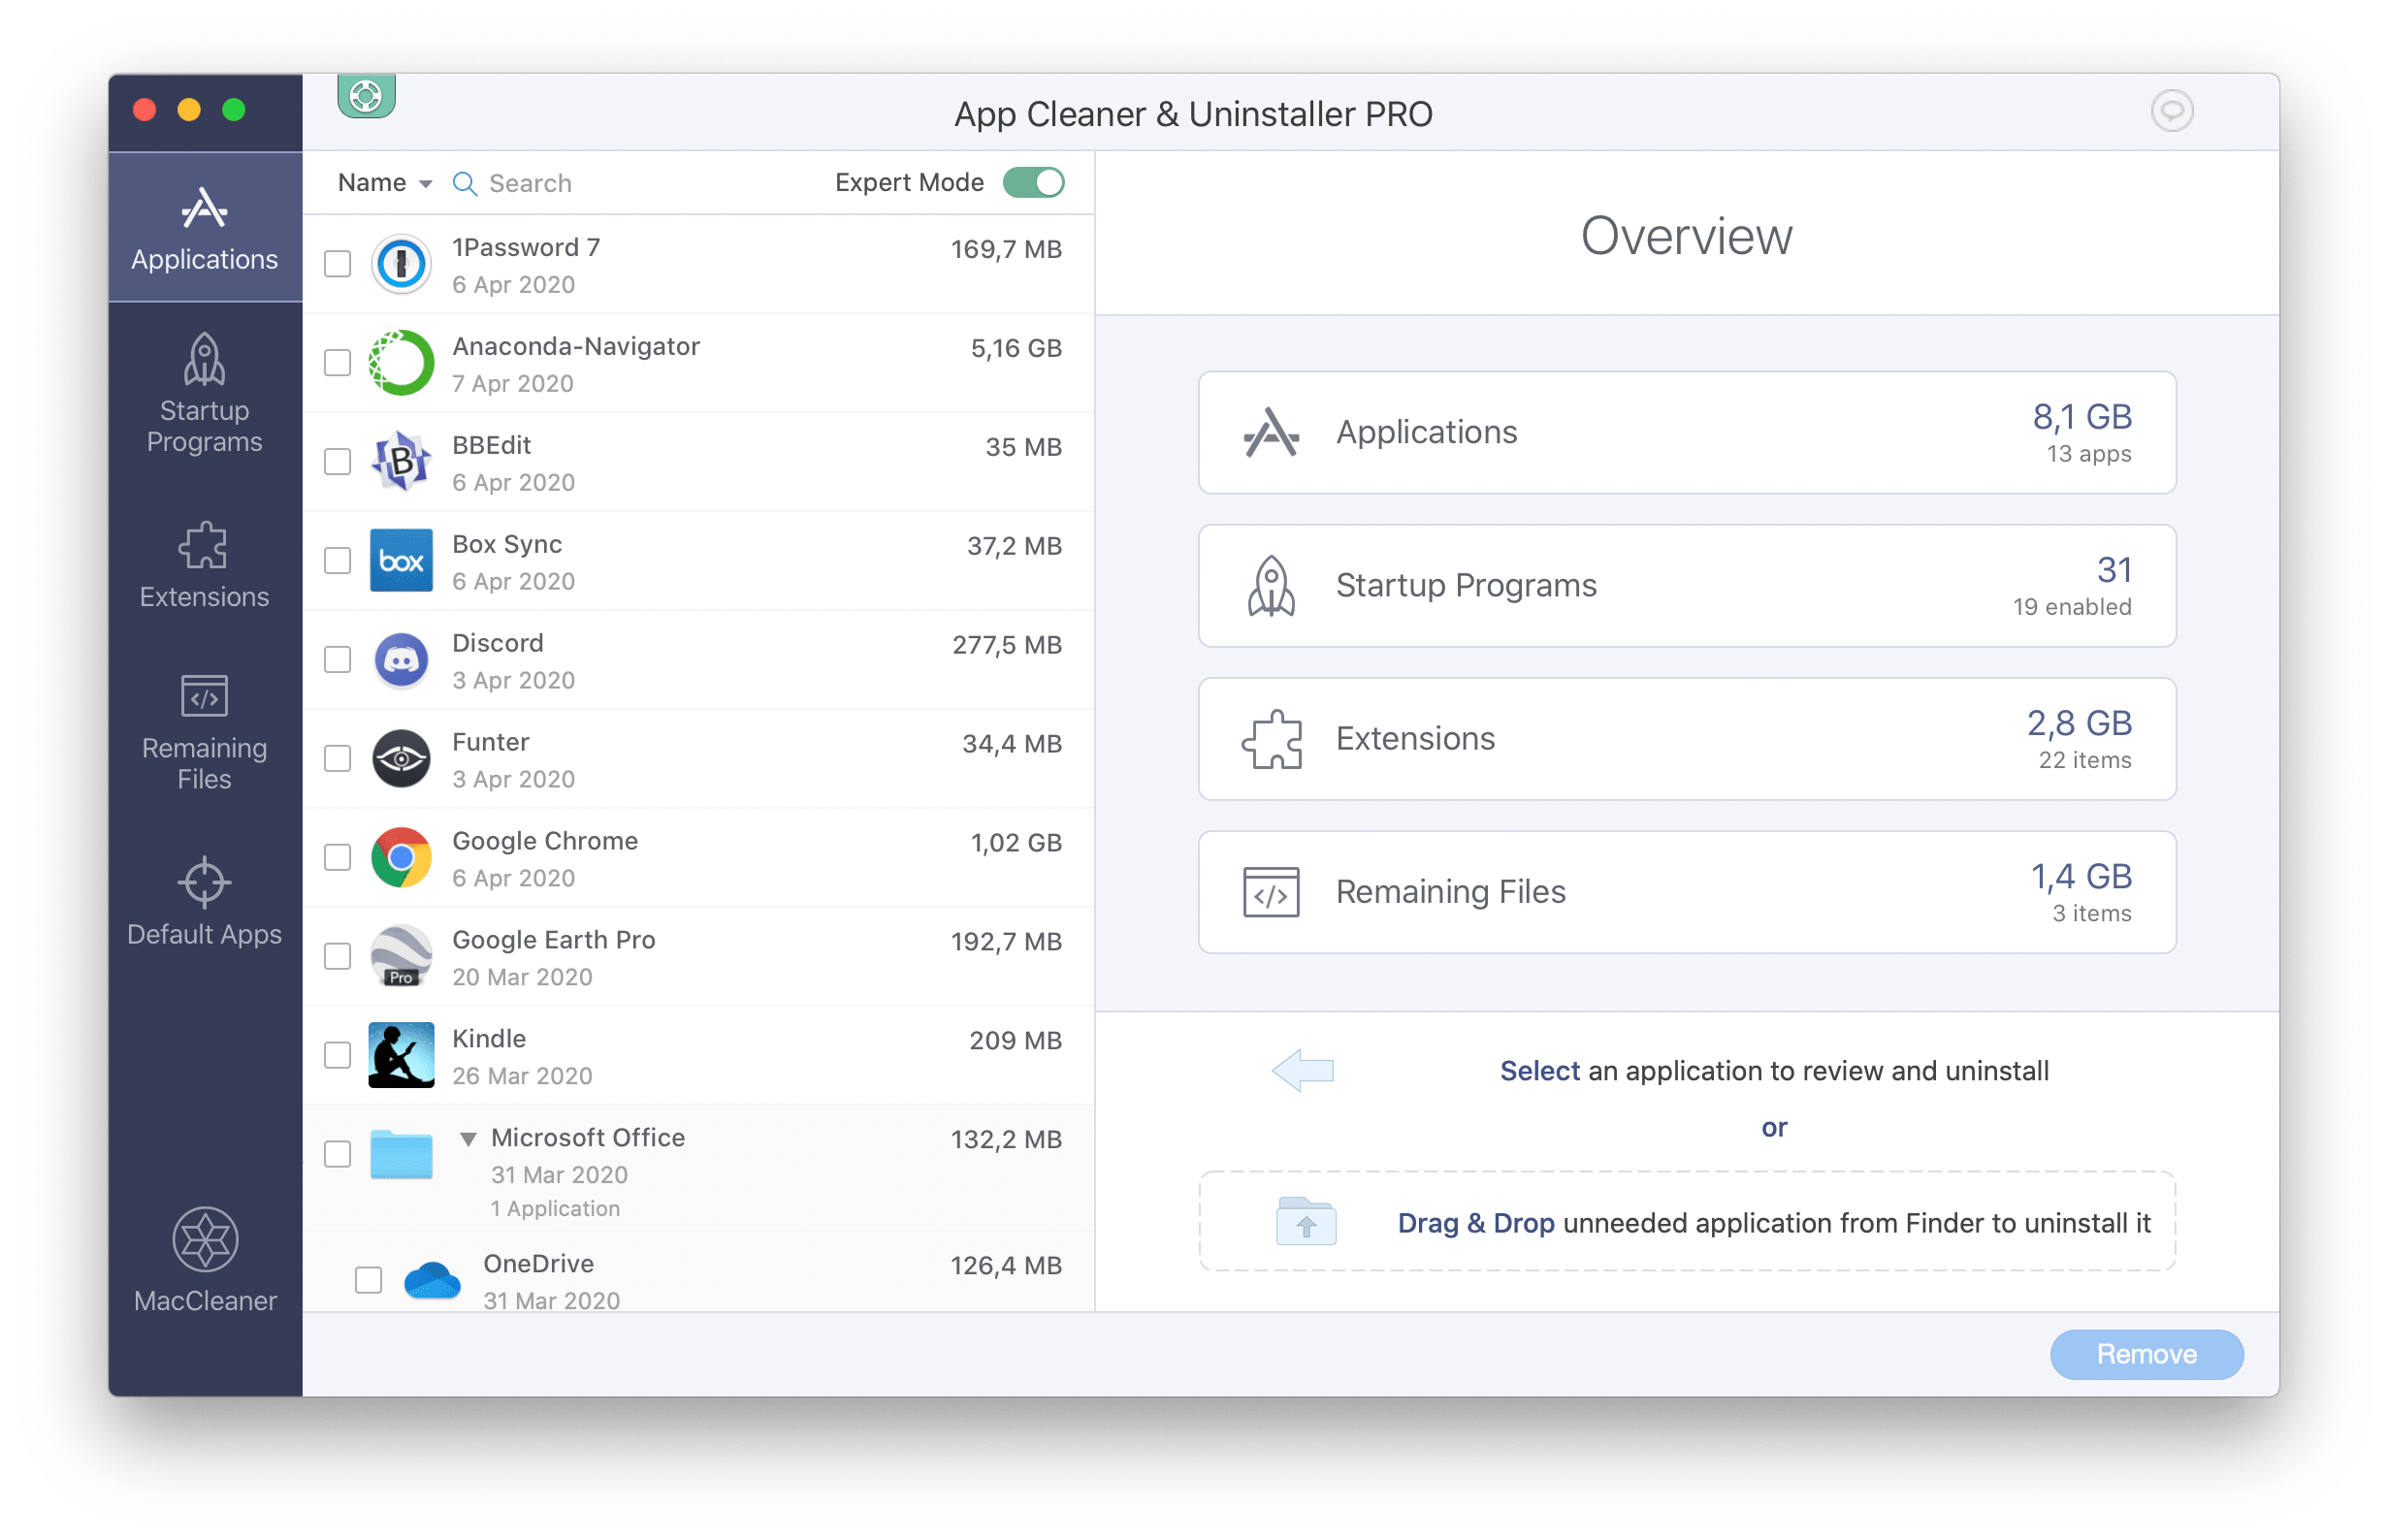 App Cleaner & Uninstaller showing Overview window